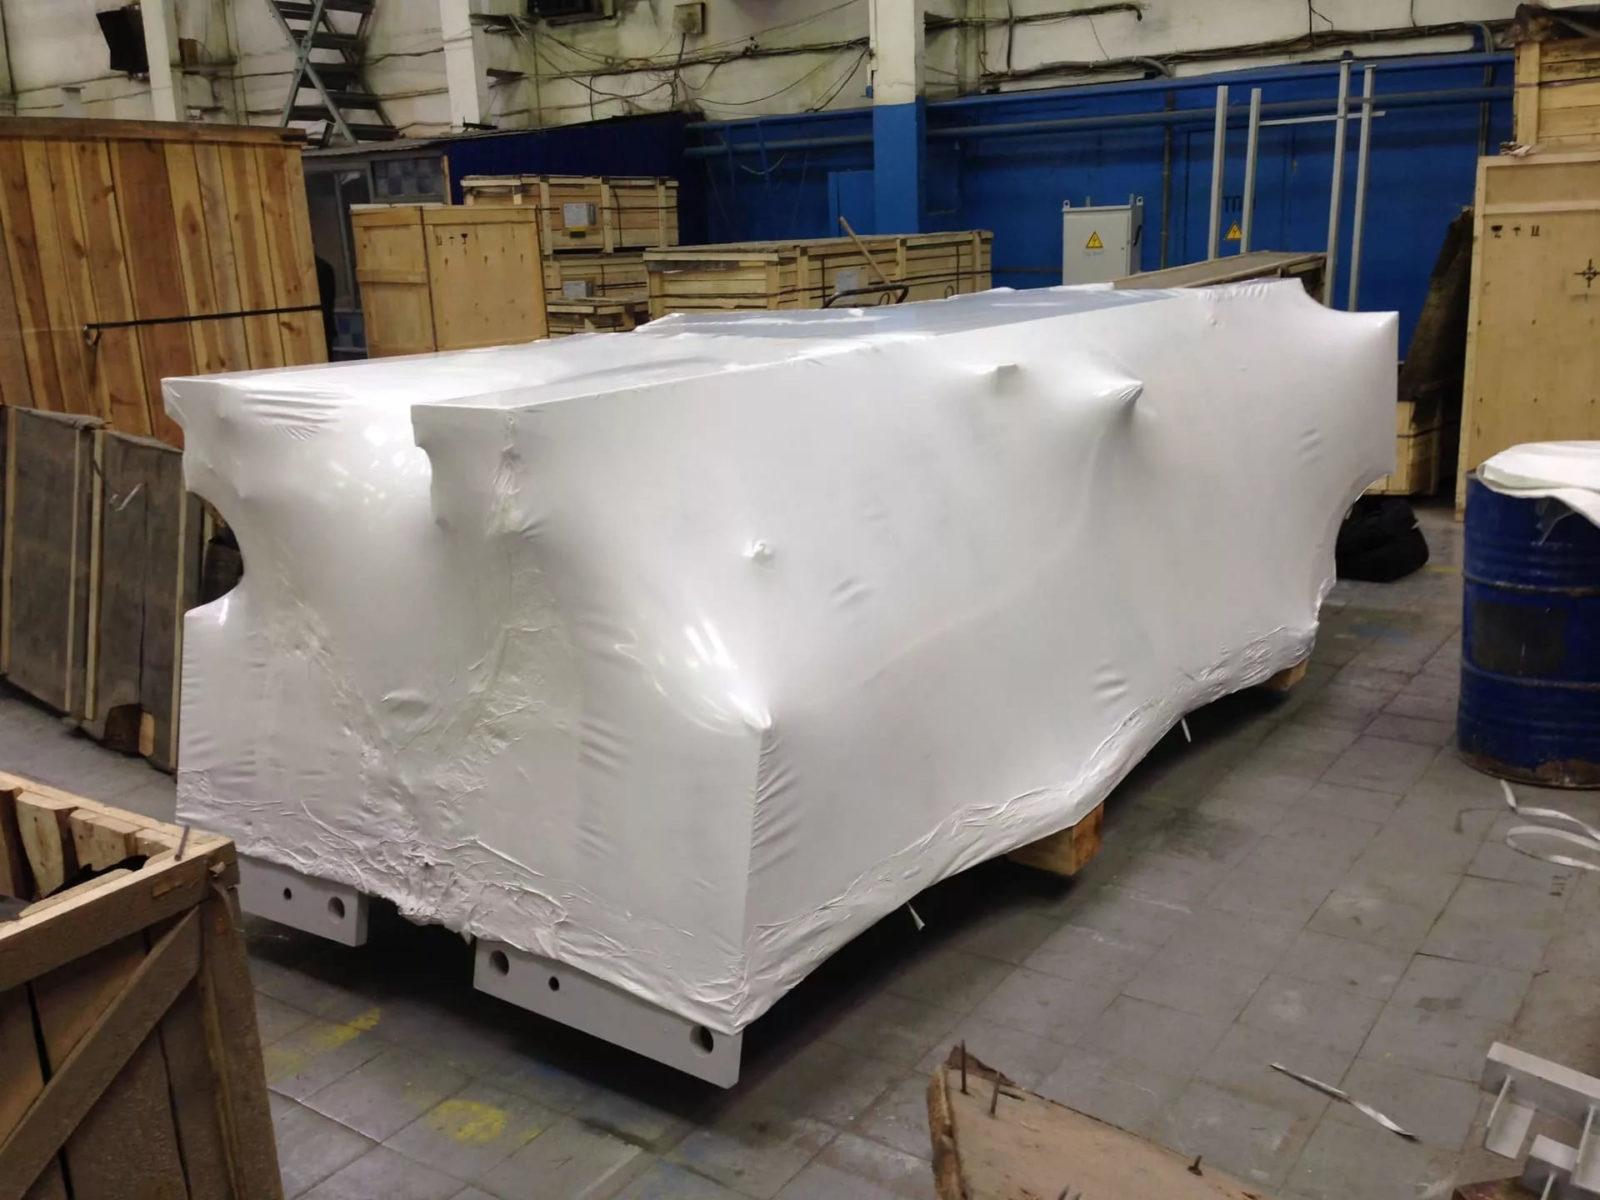 Термоусадочная упаковка FastPack предназначена для обеспечения целостности товара при транспортировки на достаточно большие расстояния, в том числе и по воде.